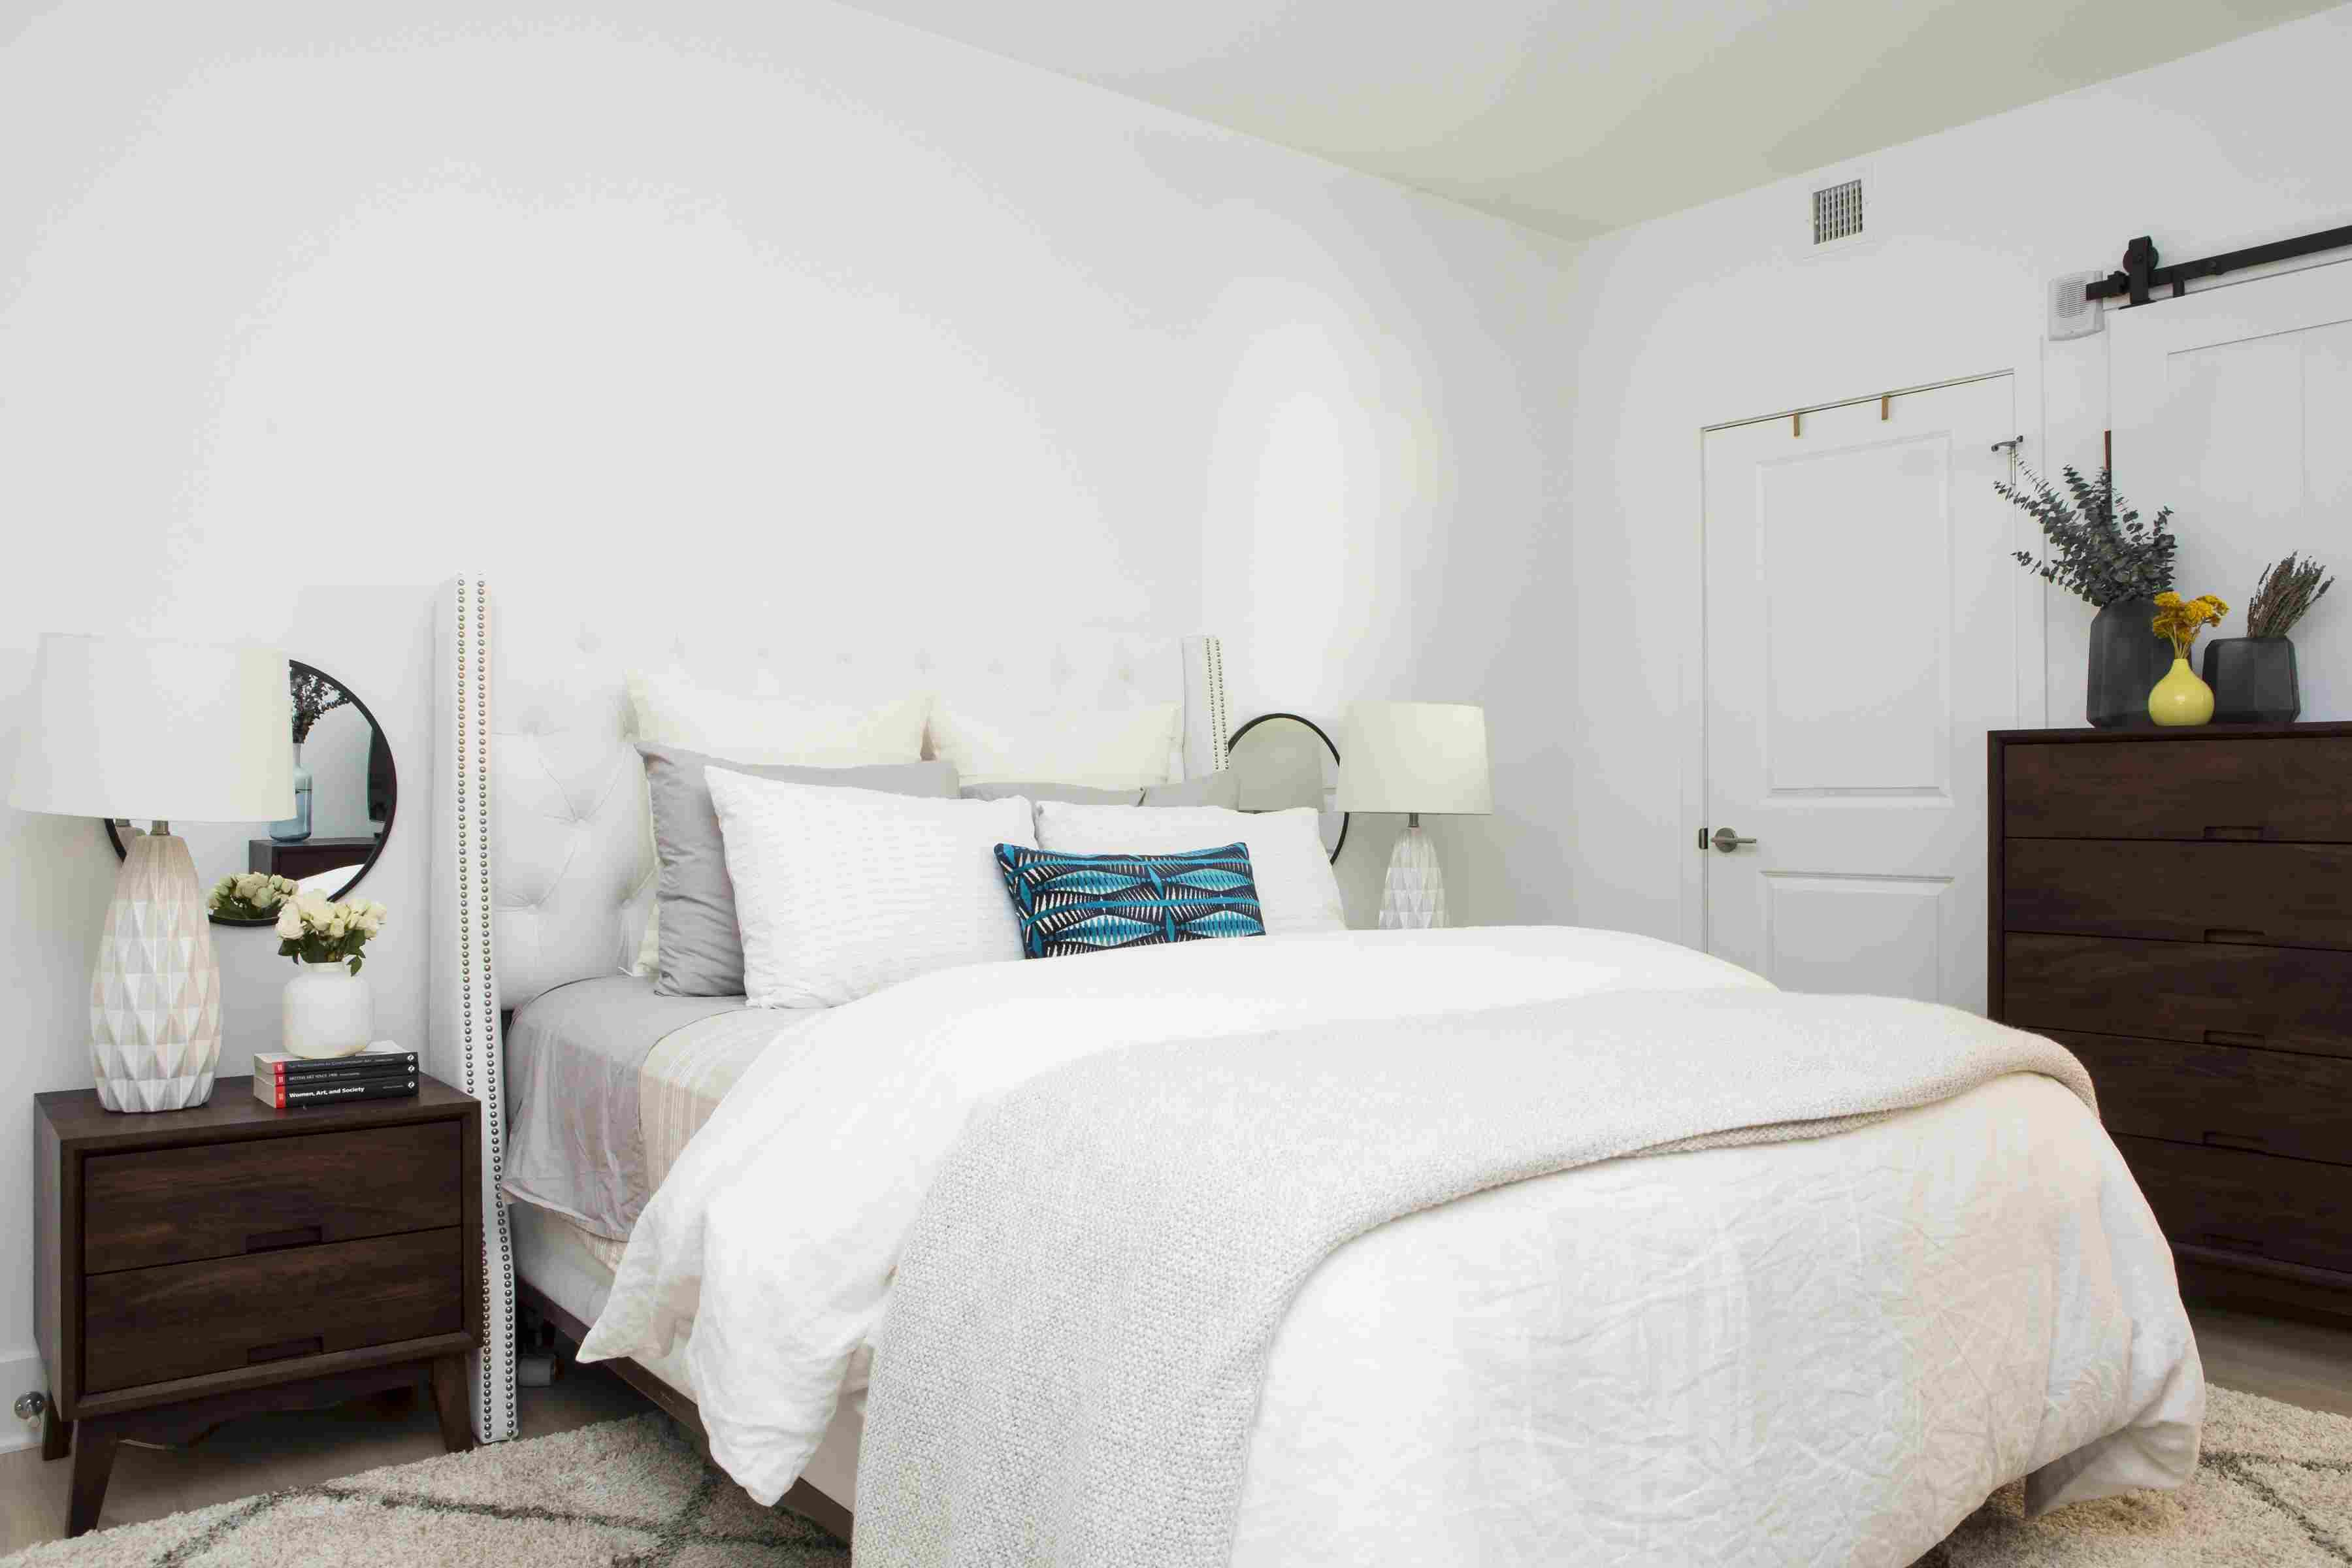 crisp, white, traditional bedroom